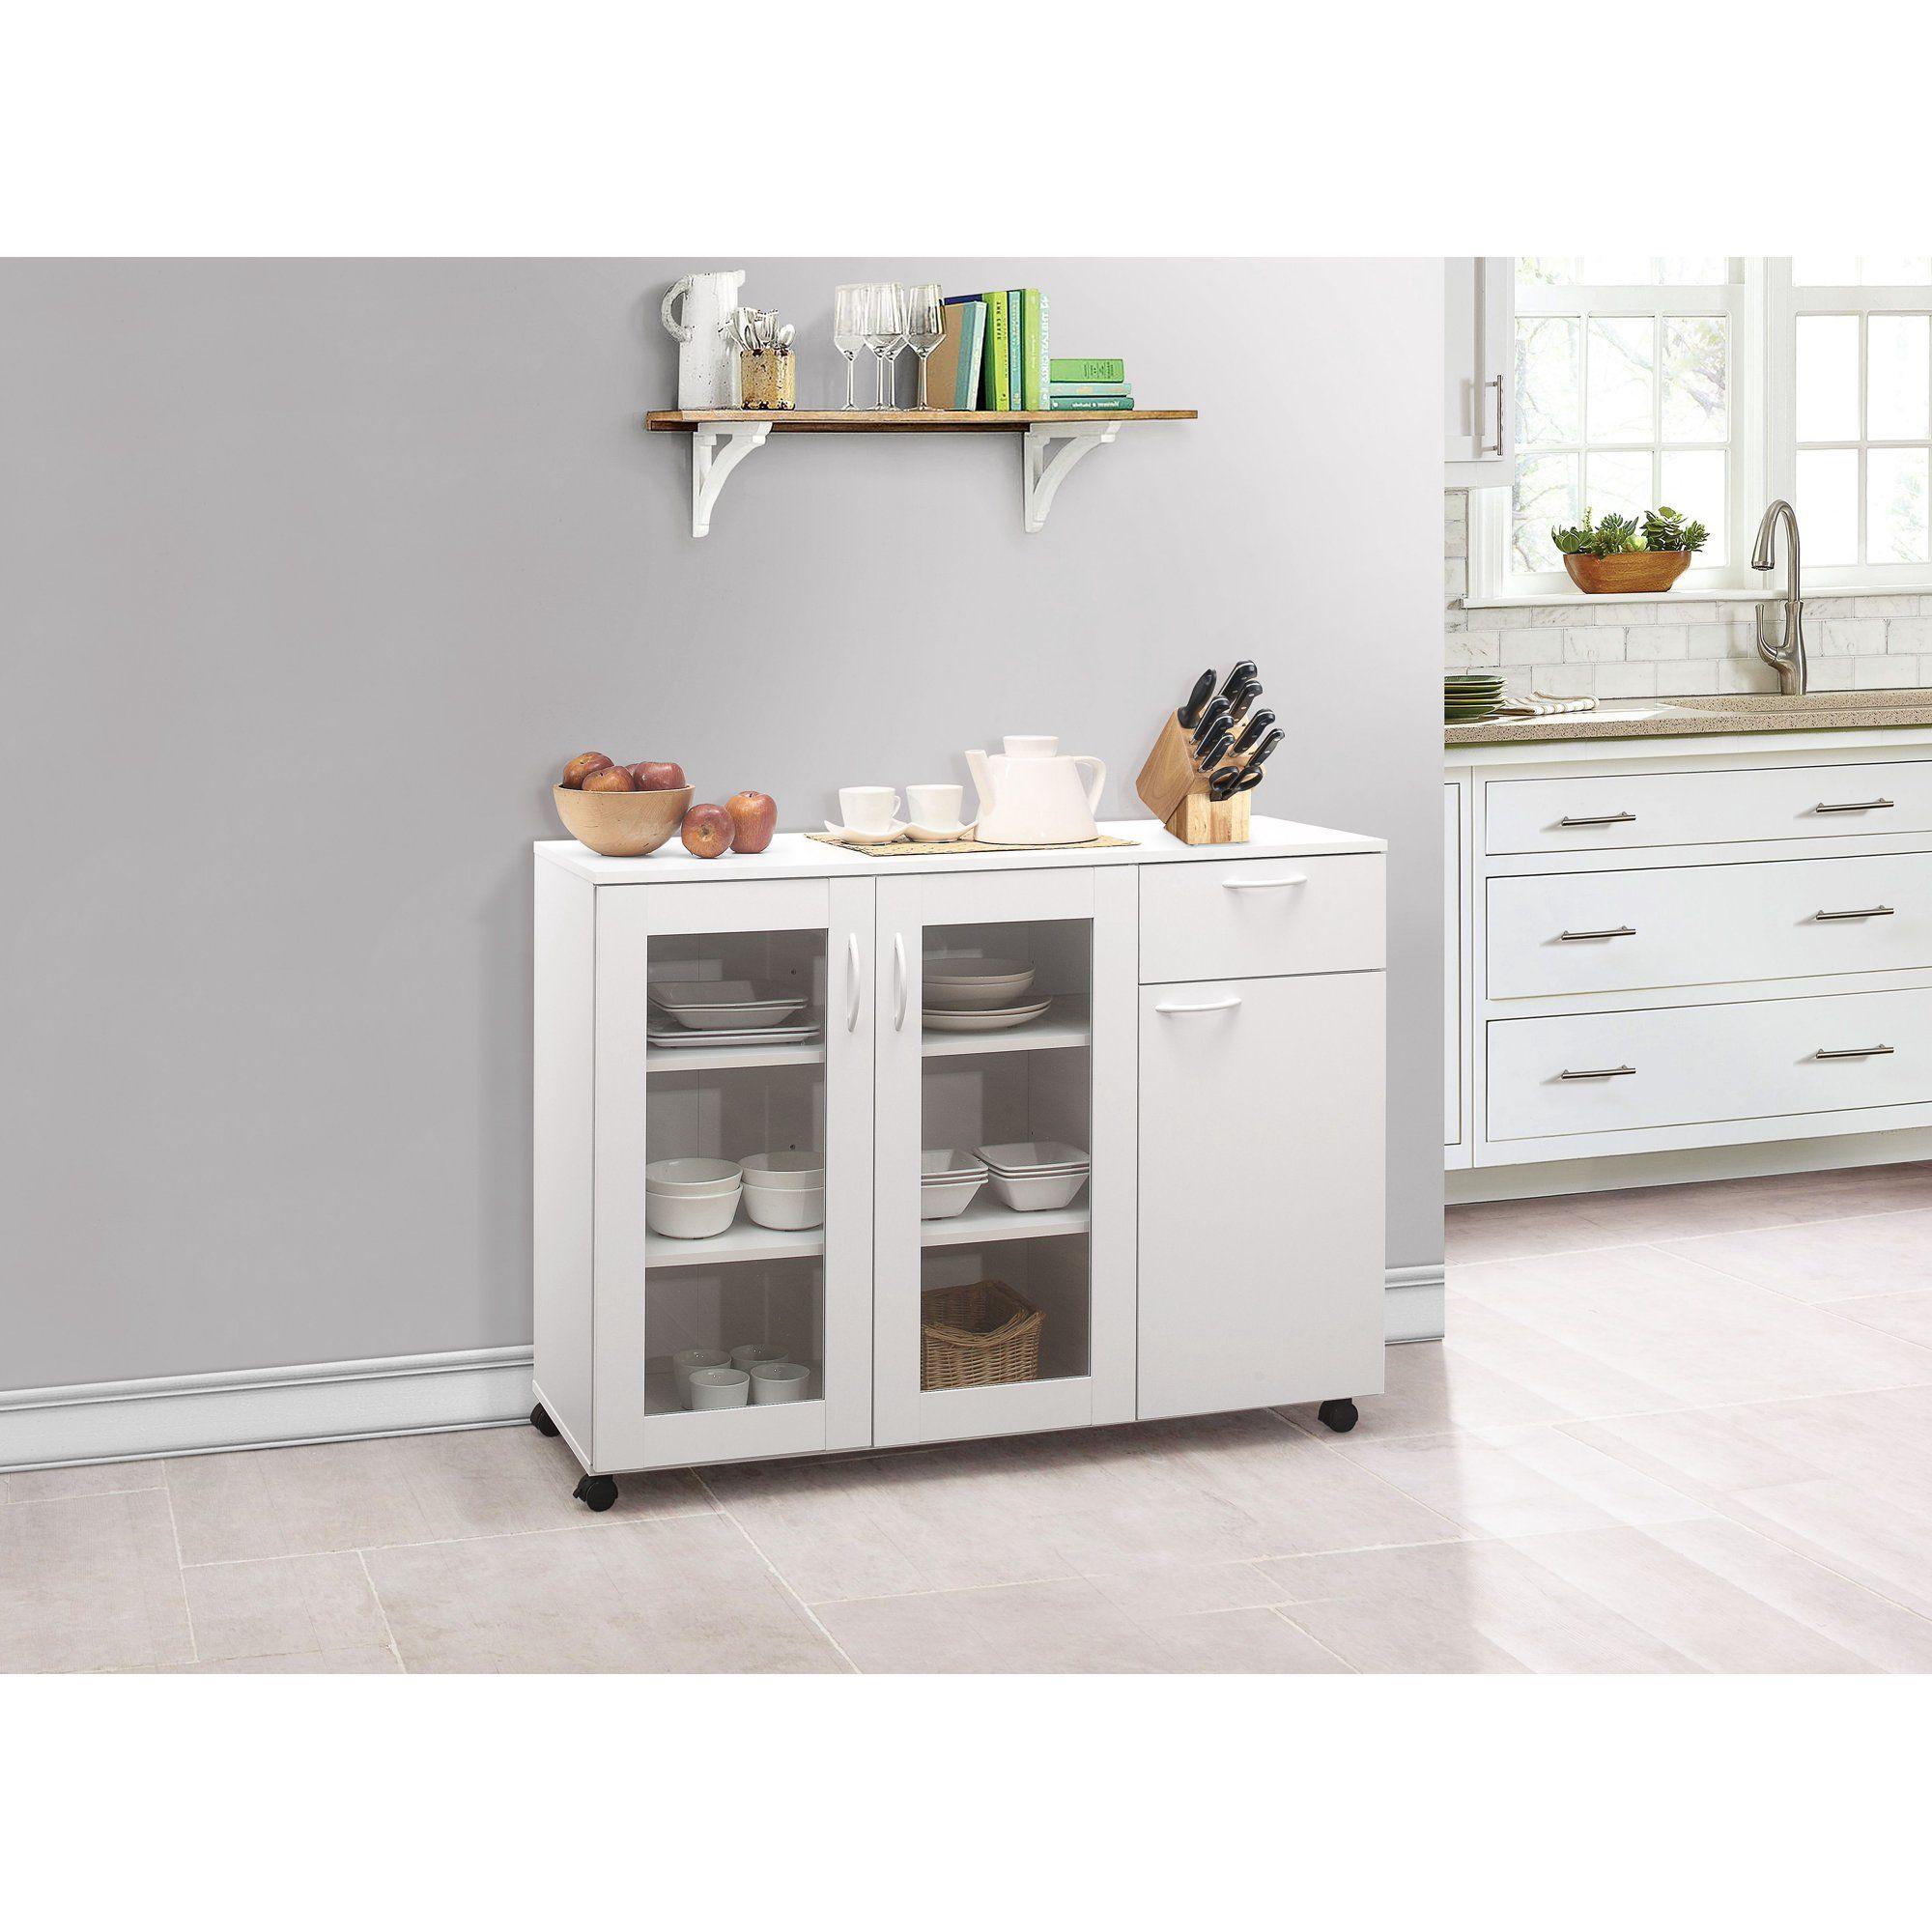 Gremlin Wheeled Kitchen Storage Sideboard Buffet Cabinet White Wood Walmart Com In 2021 Kitchen Furniture Storage Sideboard Storage Kitchen Cabinet Storage